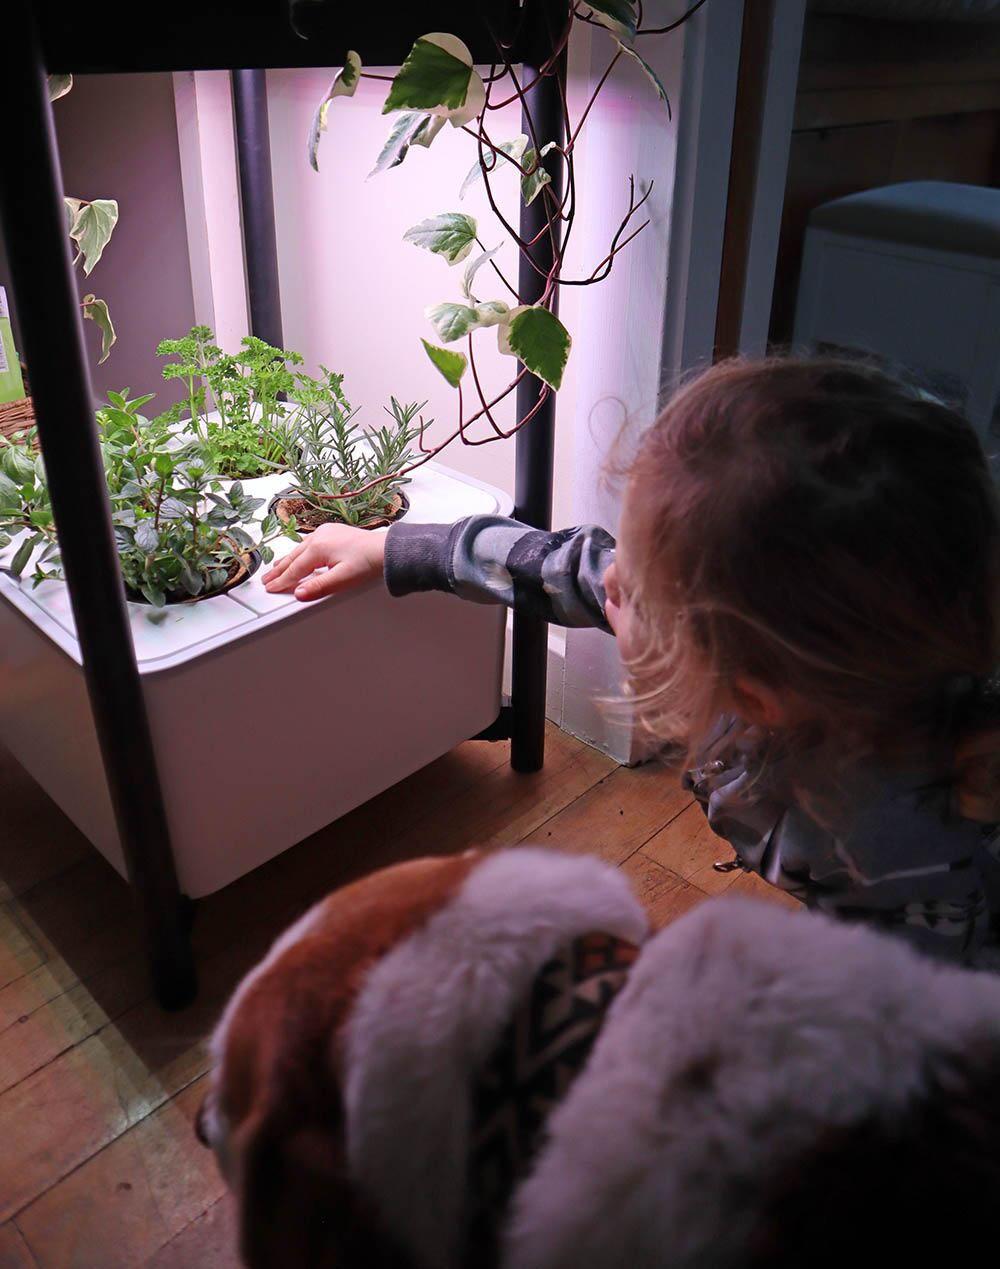 nightime_growing_plants.jpg